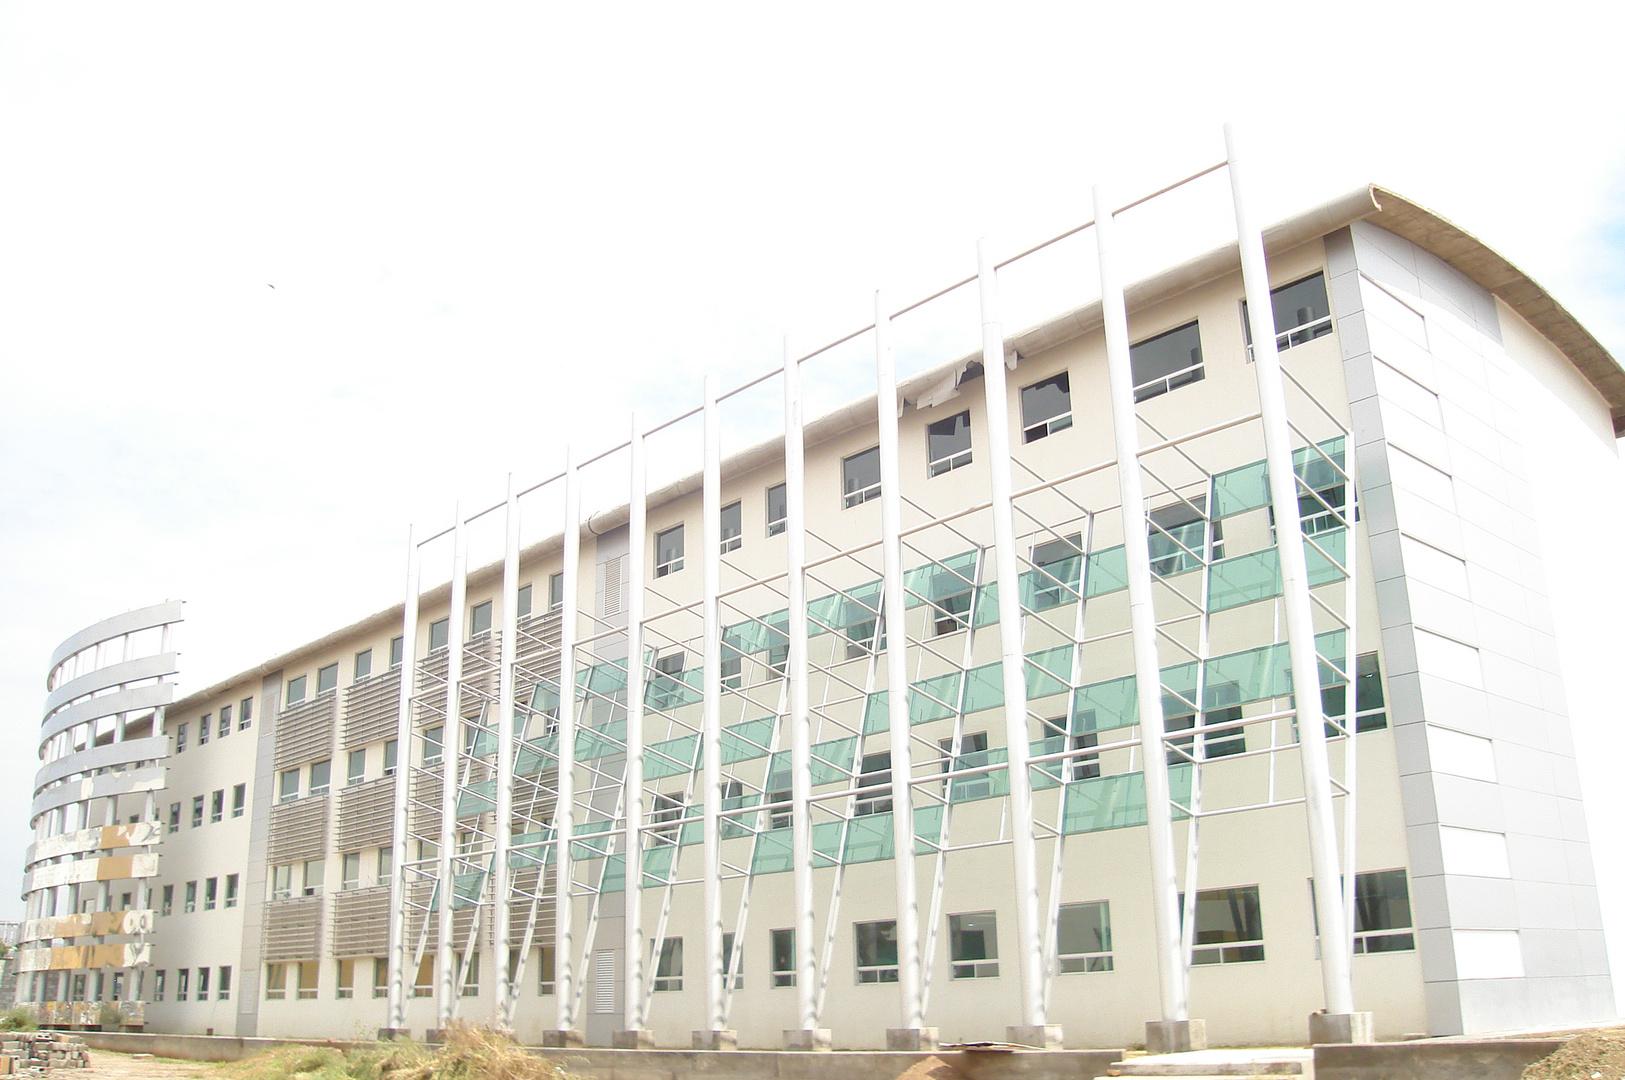 Instituto Tecnológico de Durango México